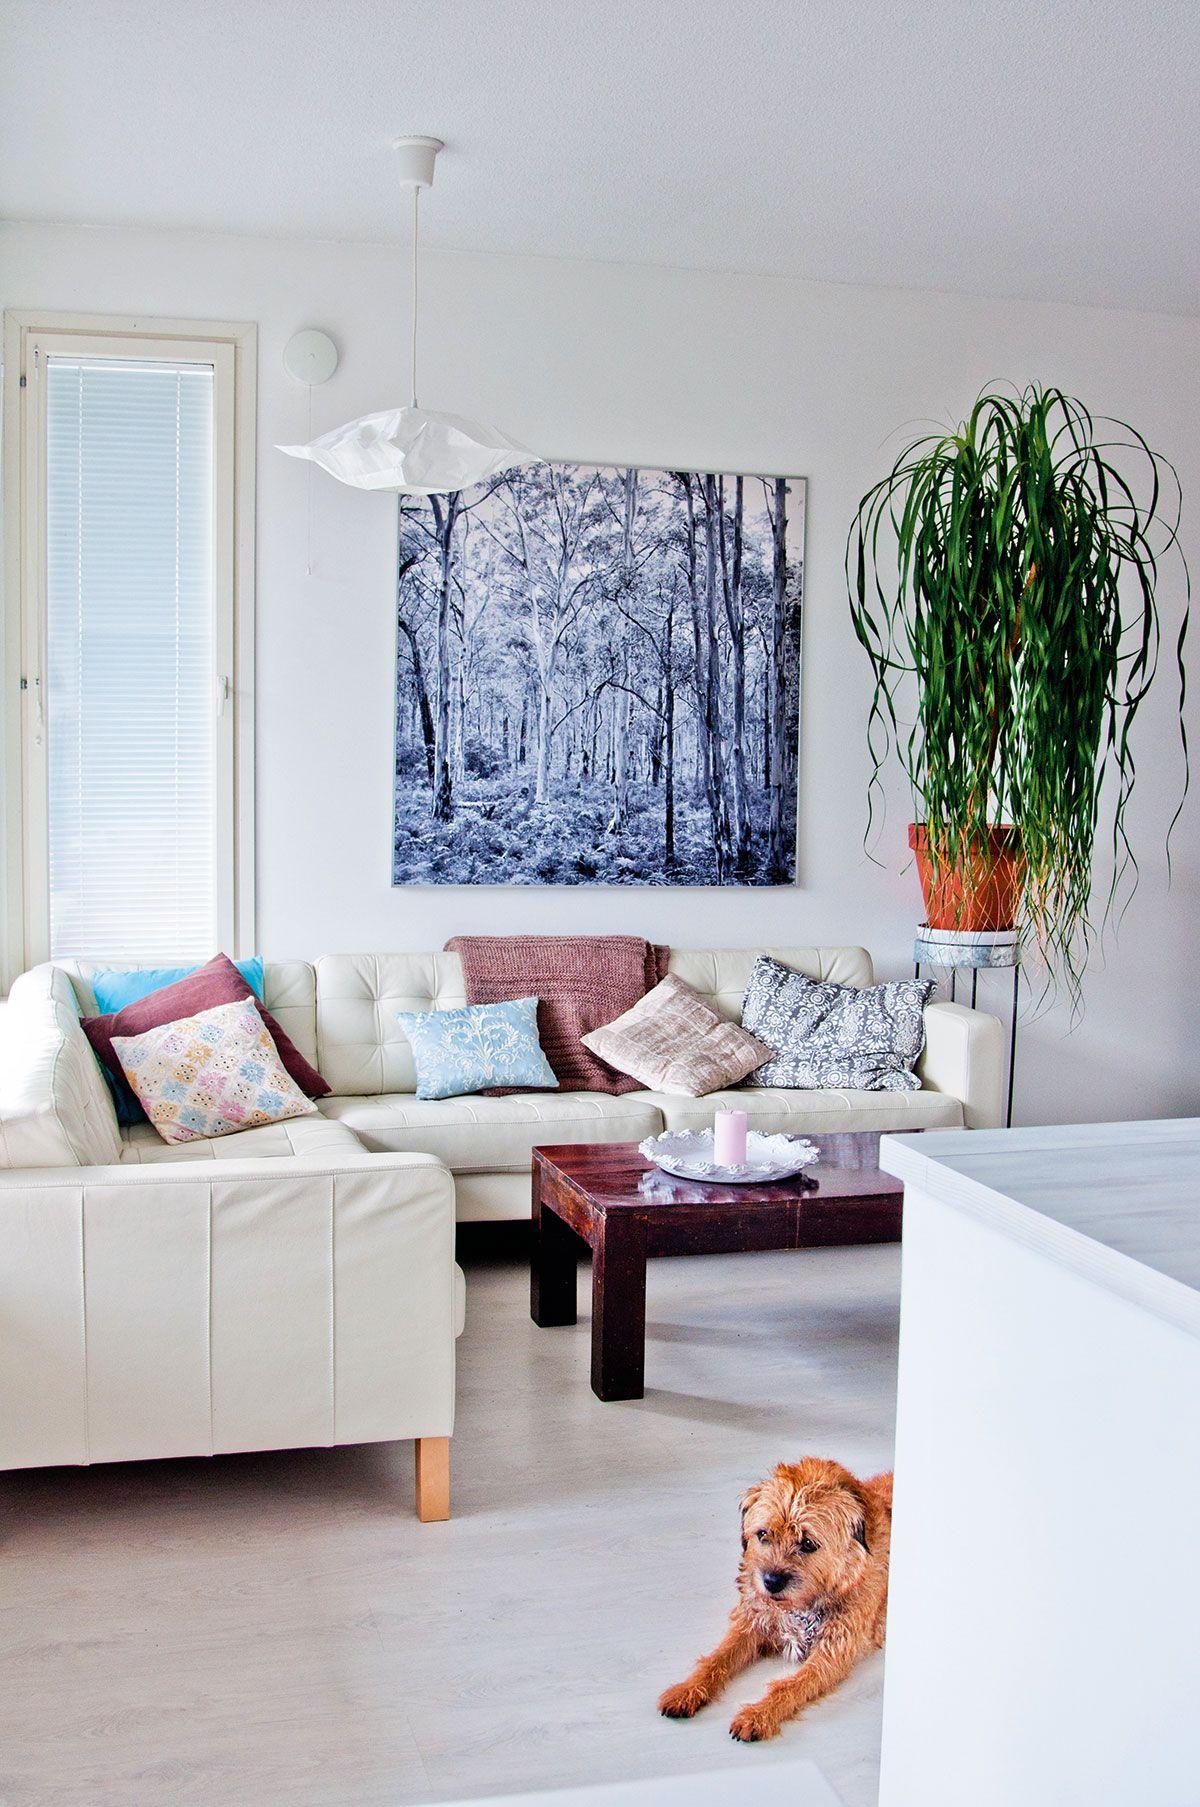 Olohuoneen valkoinen nahkasohva on Ikeasta. Riitta Souranderin valokuvateos seinällä on kuin toinen ikkuna.